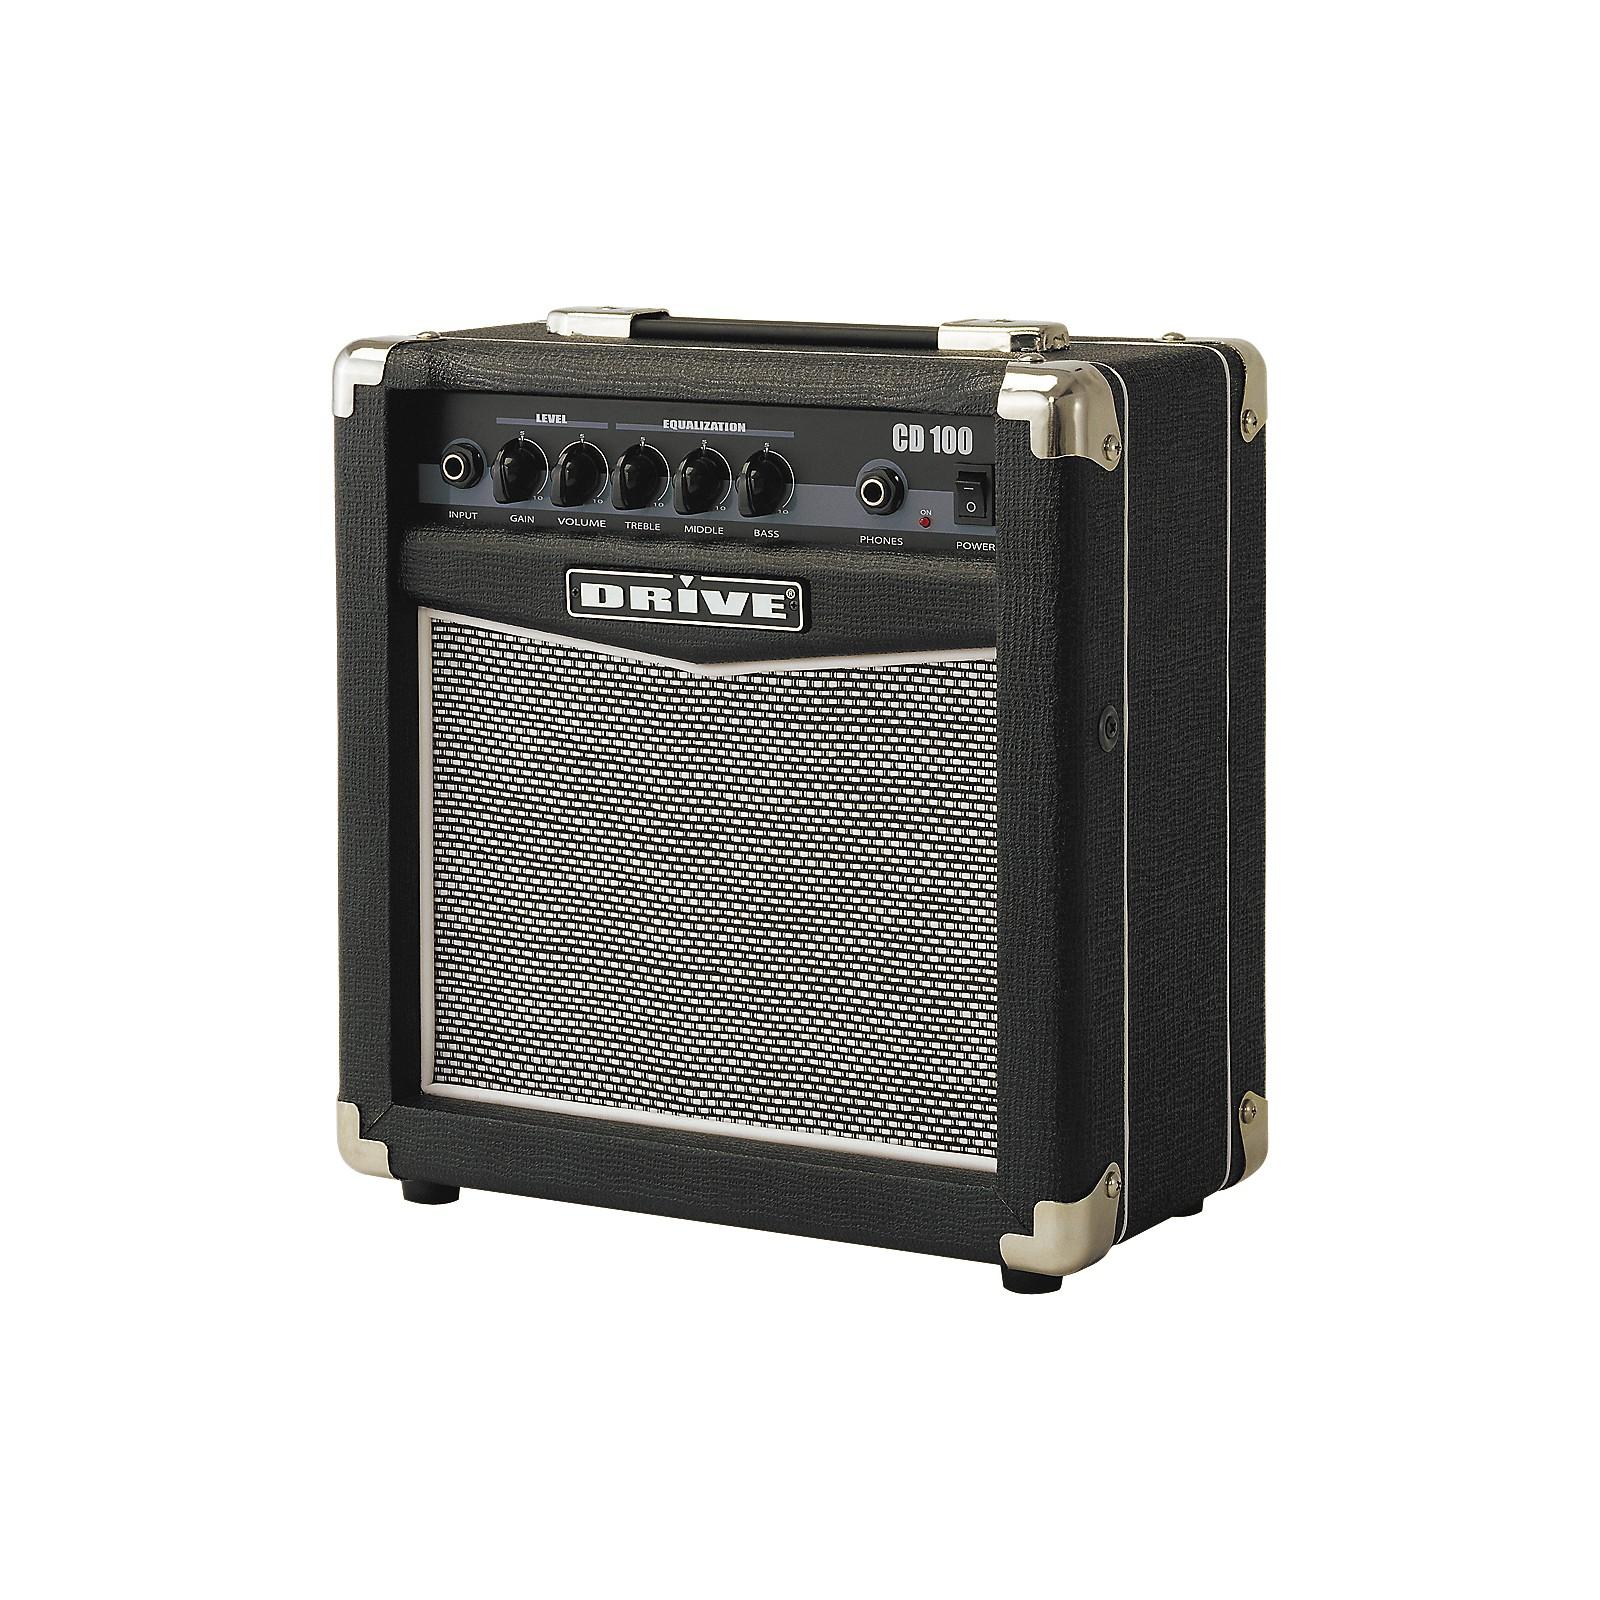 Drive CD100 Guitar Practice Amp